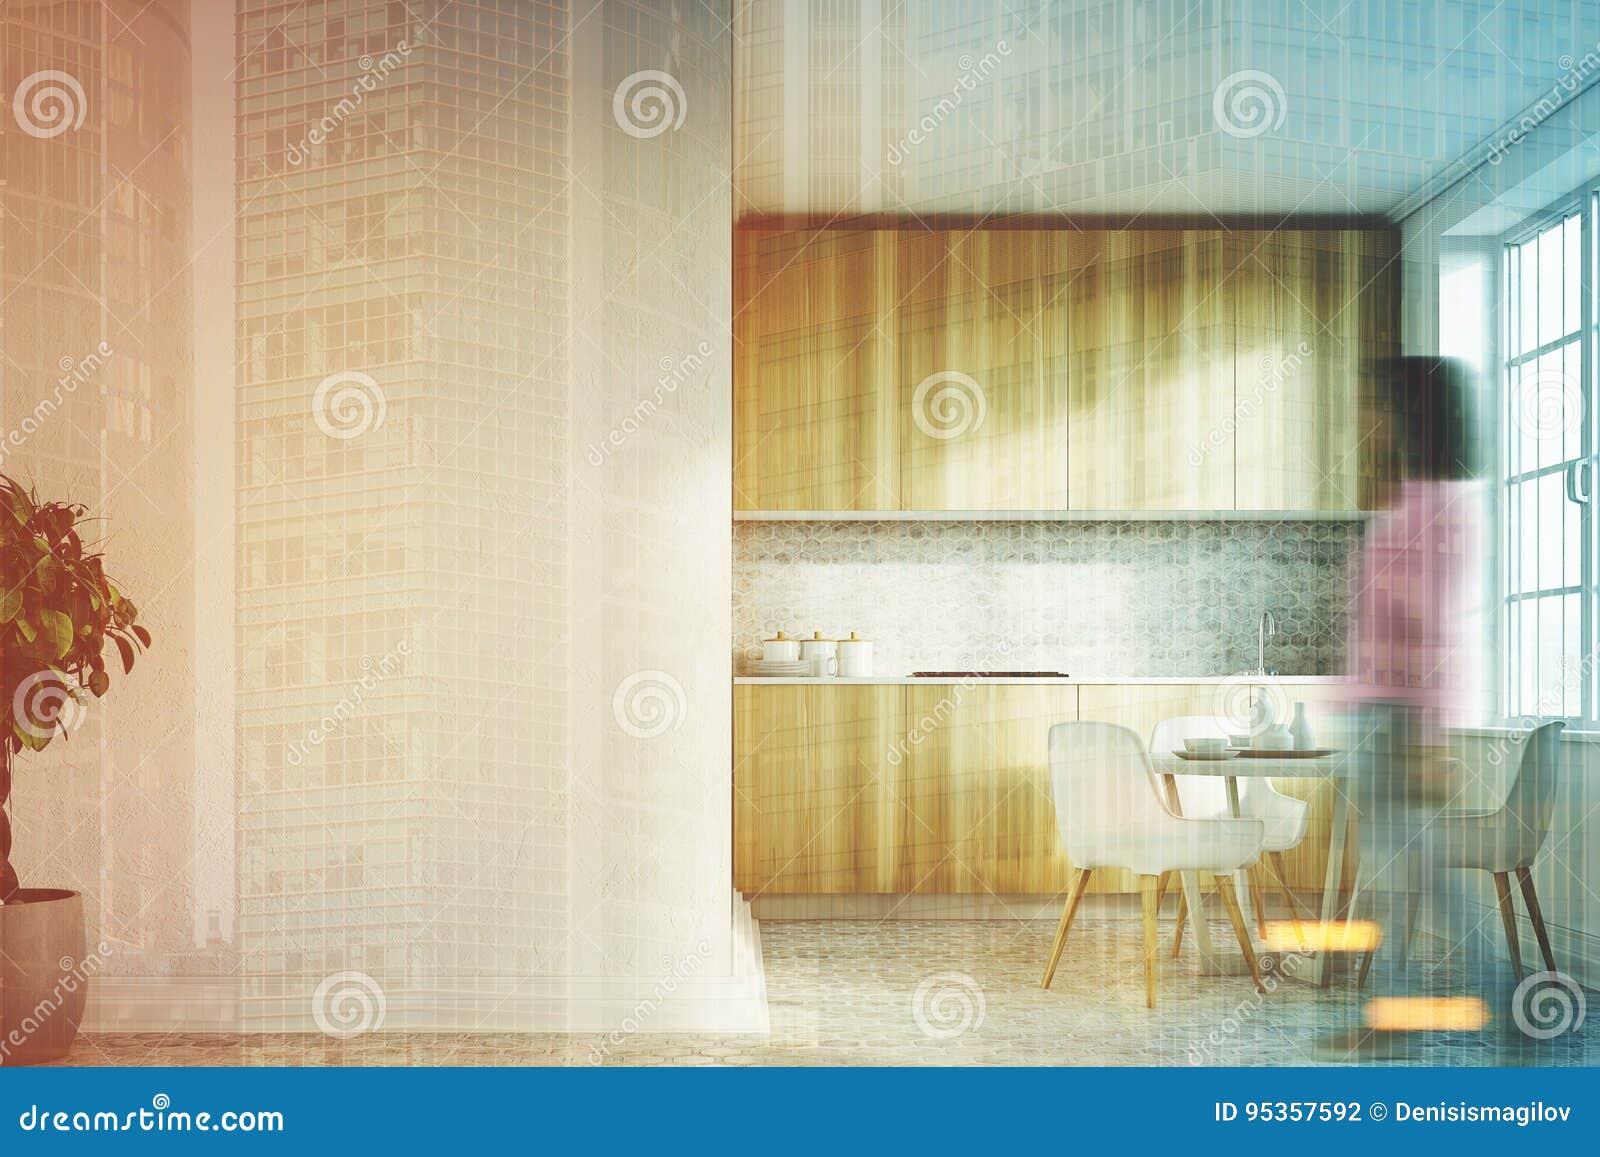 Cocina blanca muchacha delantera de las encimeras de - Cocina blanca encimera madera ...